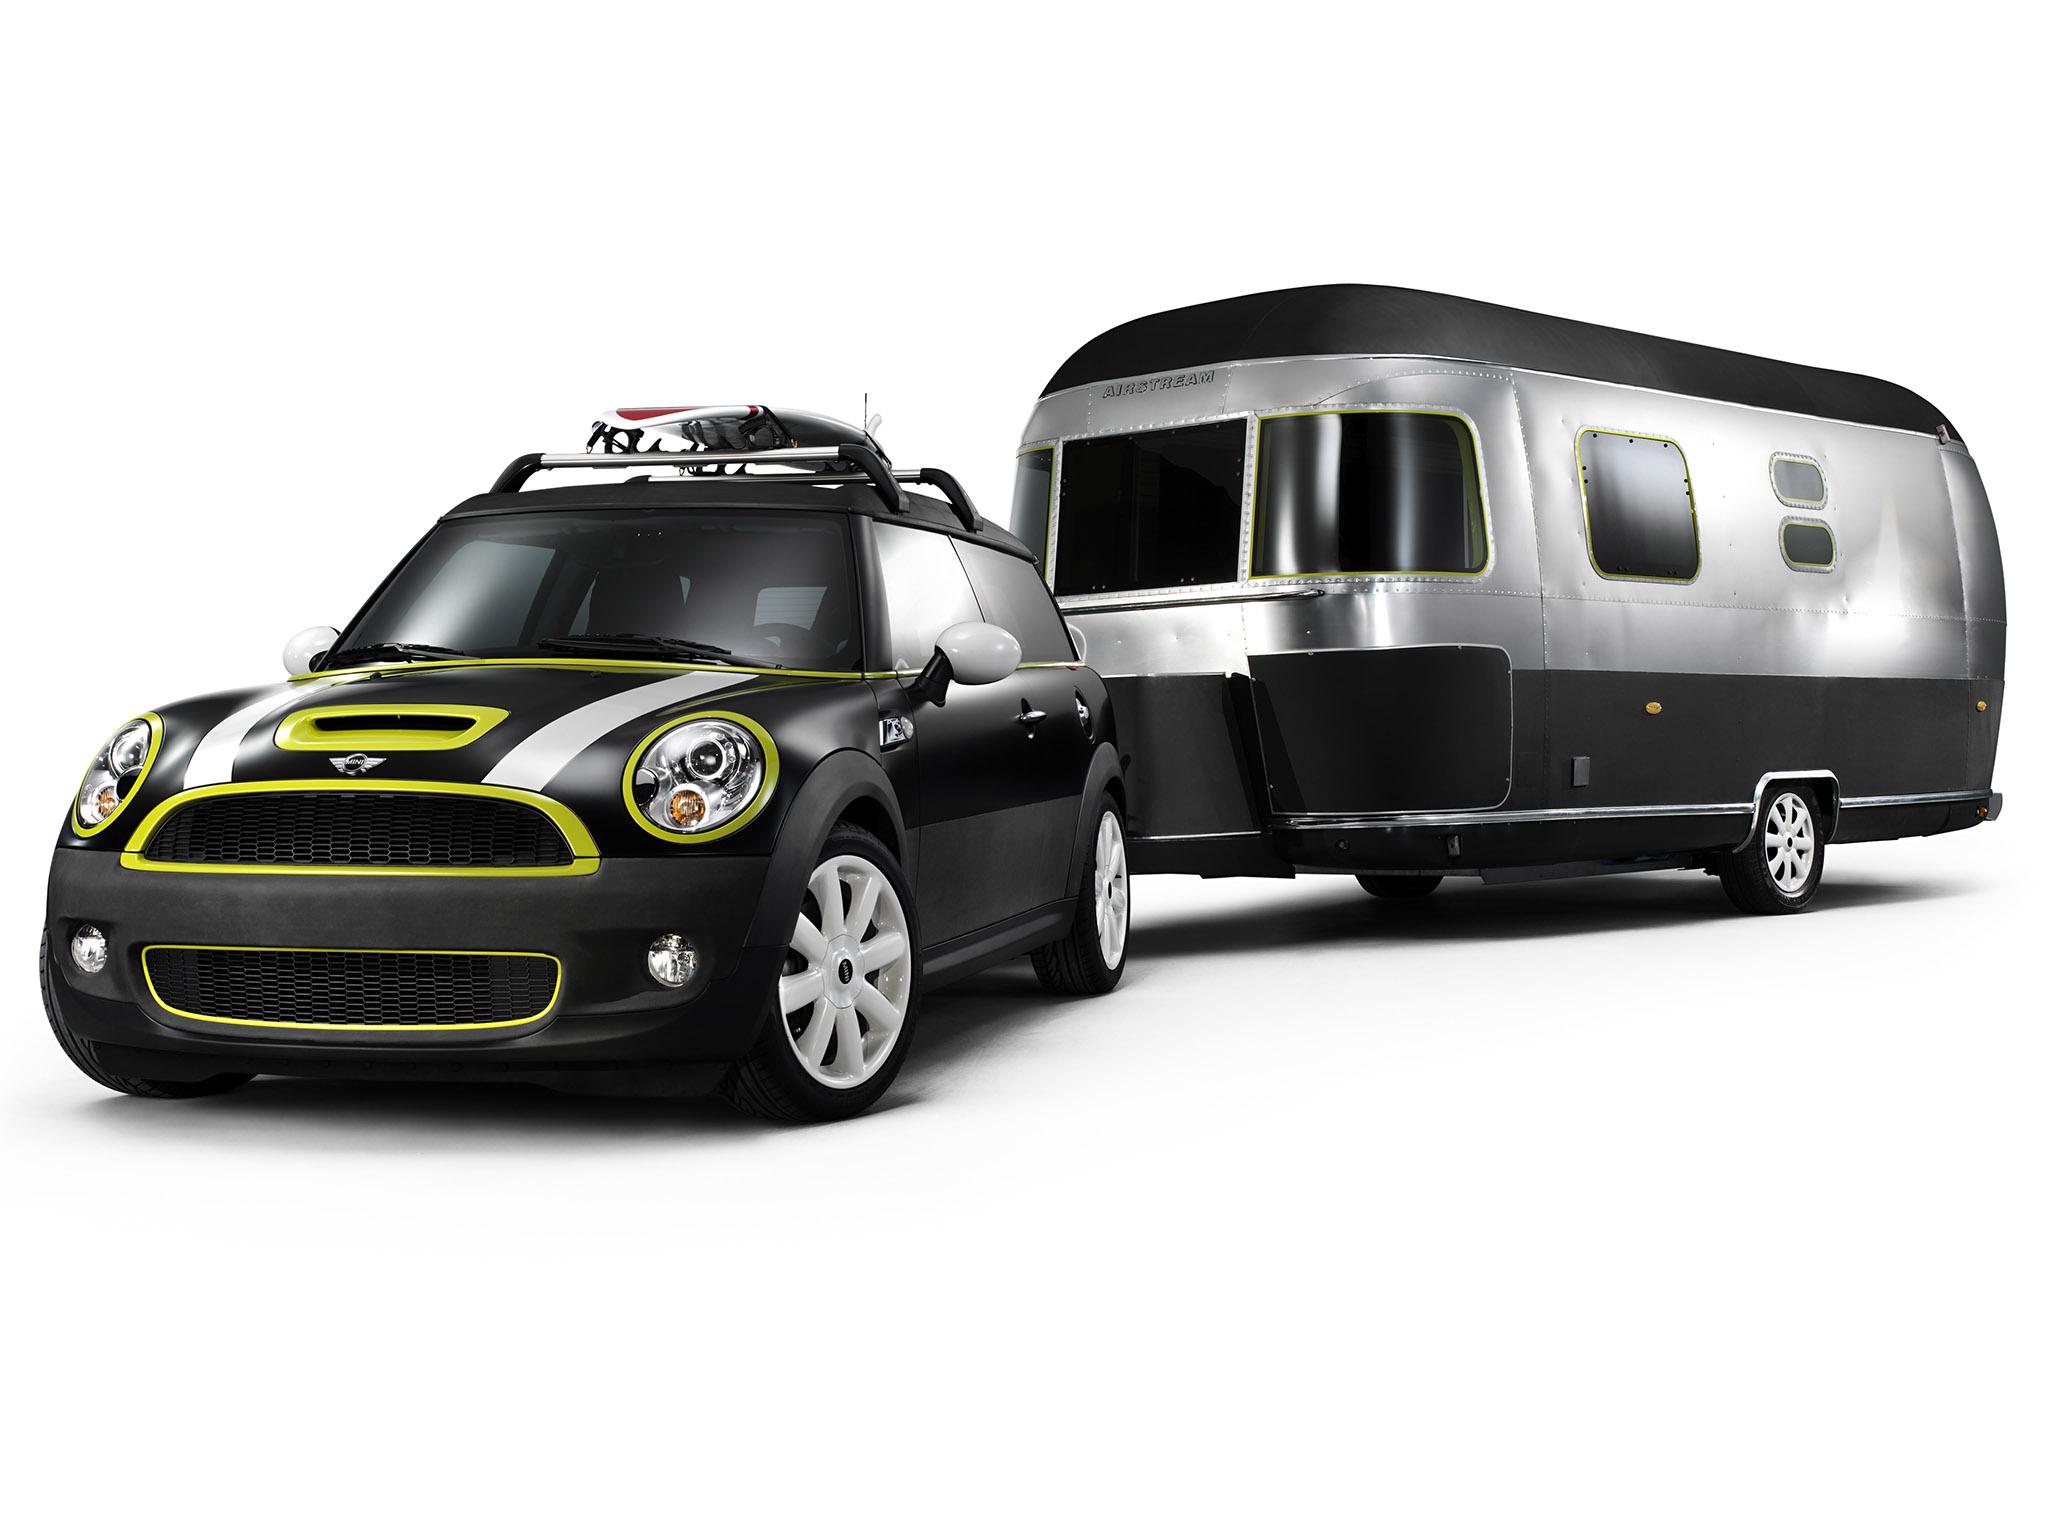 Foto 0 de Mini Clubman Cooper S and Airstream Concept 2009